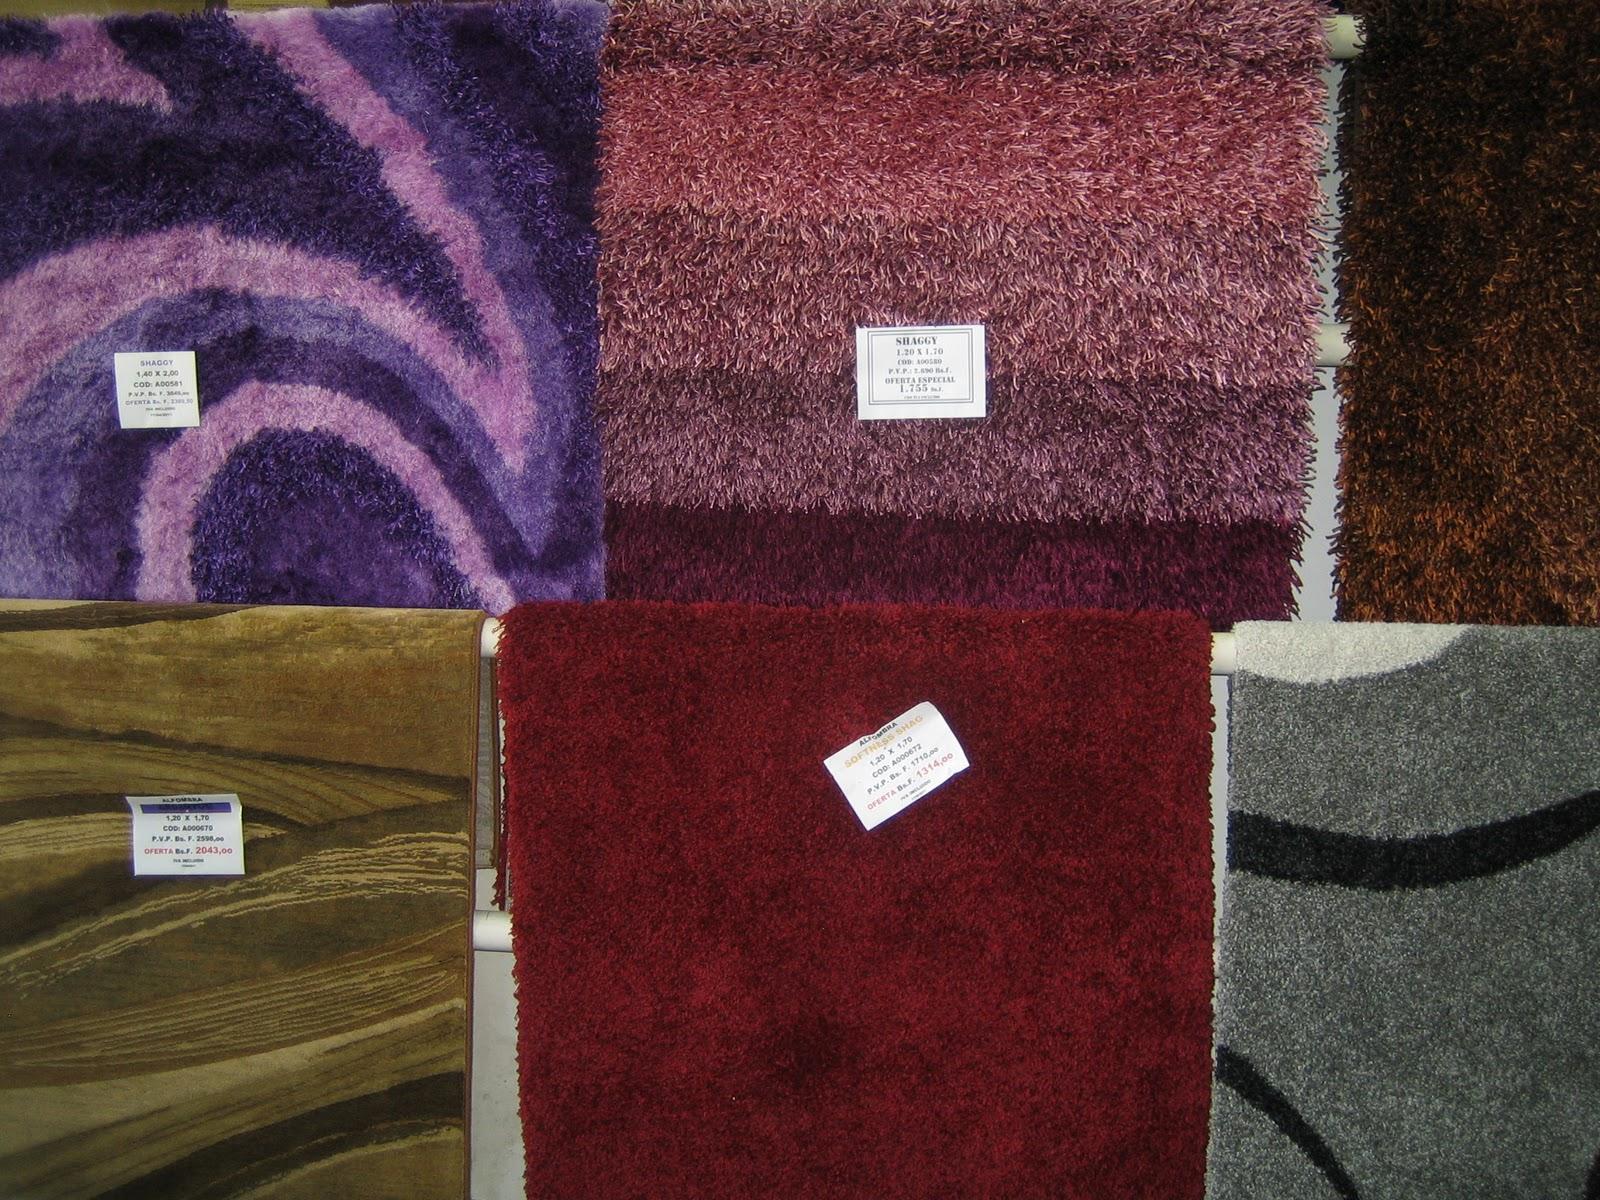 El tacon c a alfombras importadas modernas y estilo persas for Alfombras estilo persa